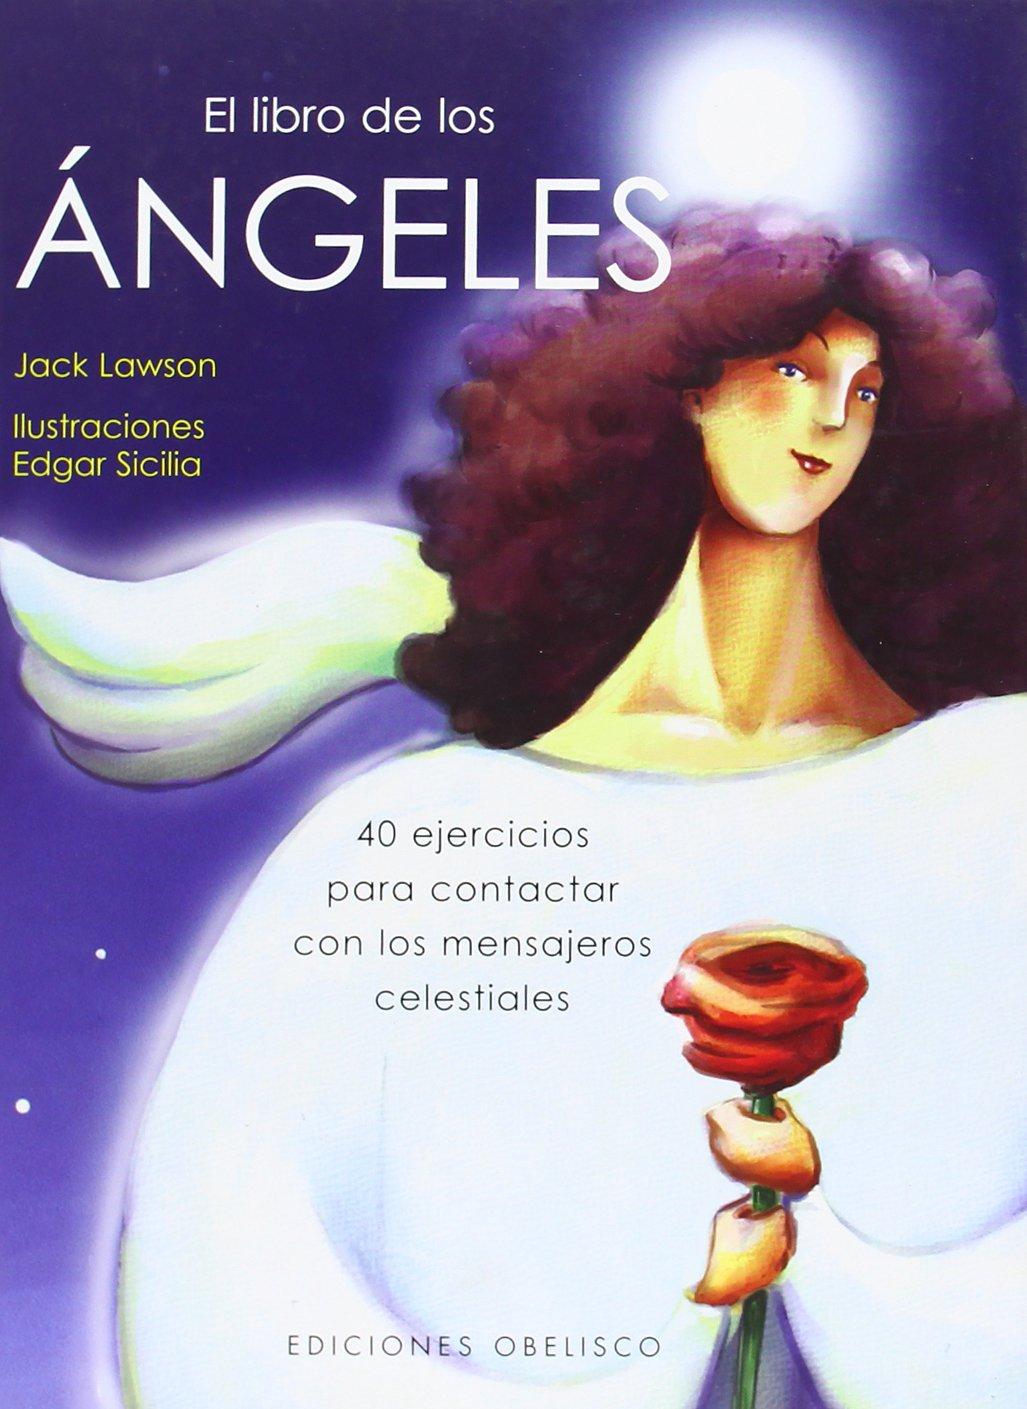 El libro de los ángeles (Cartoné) (ANGELOLOGÍA): Amazon.es: JACK LAWSON: Libros